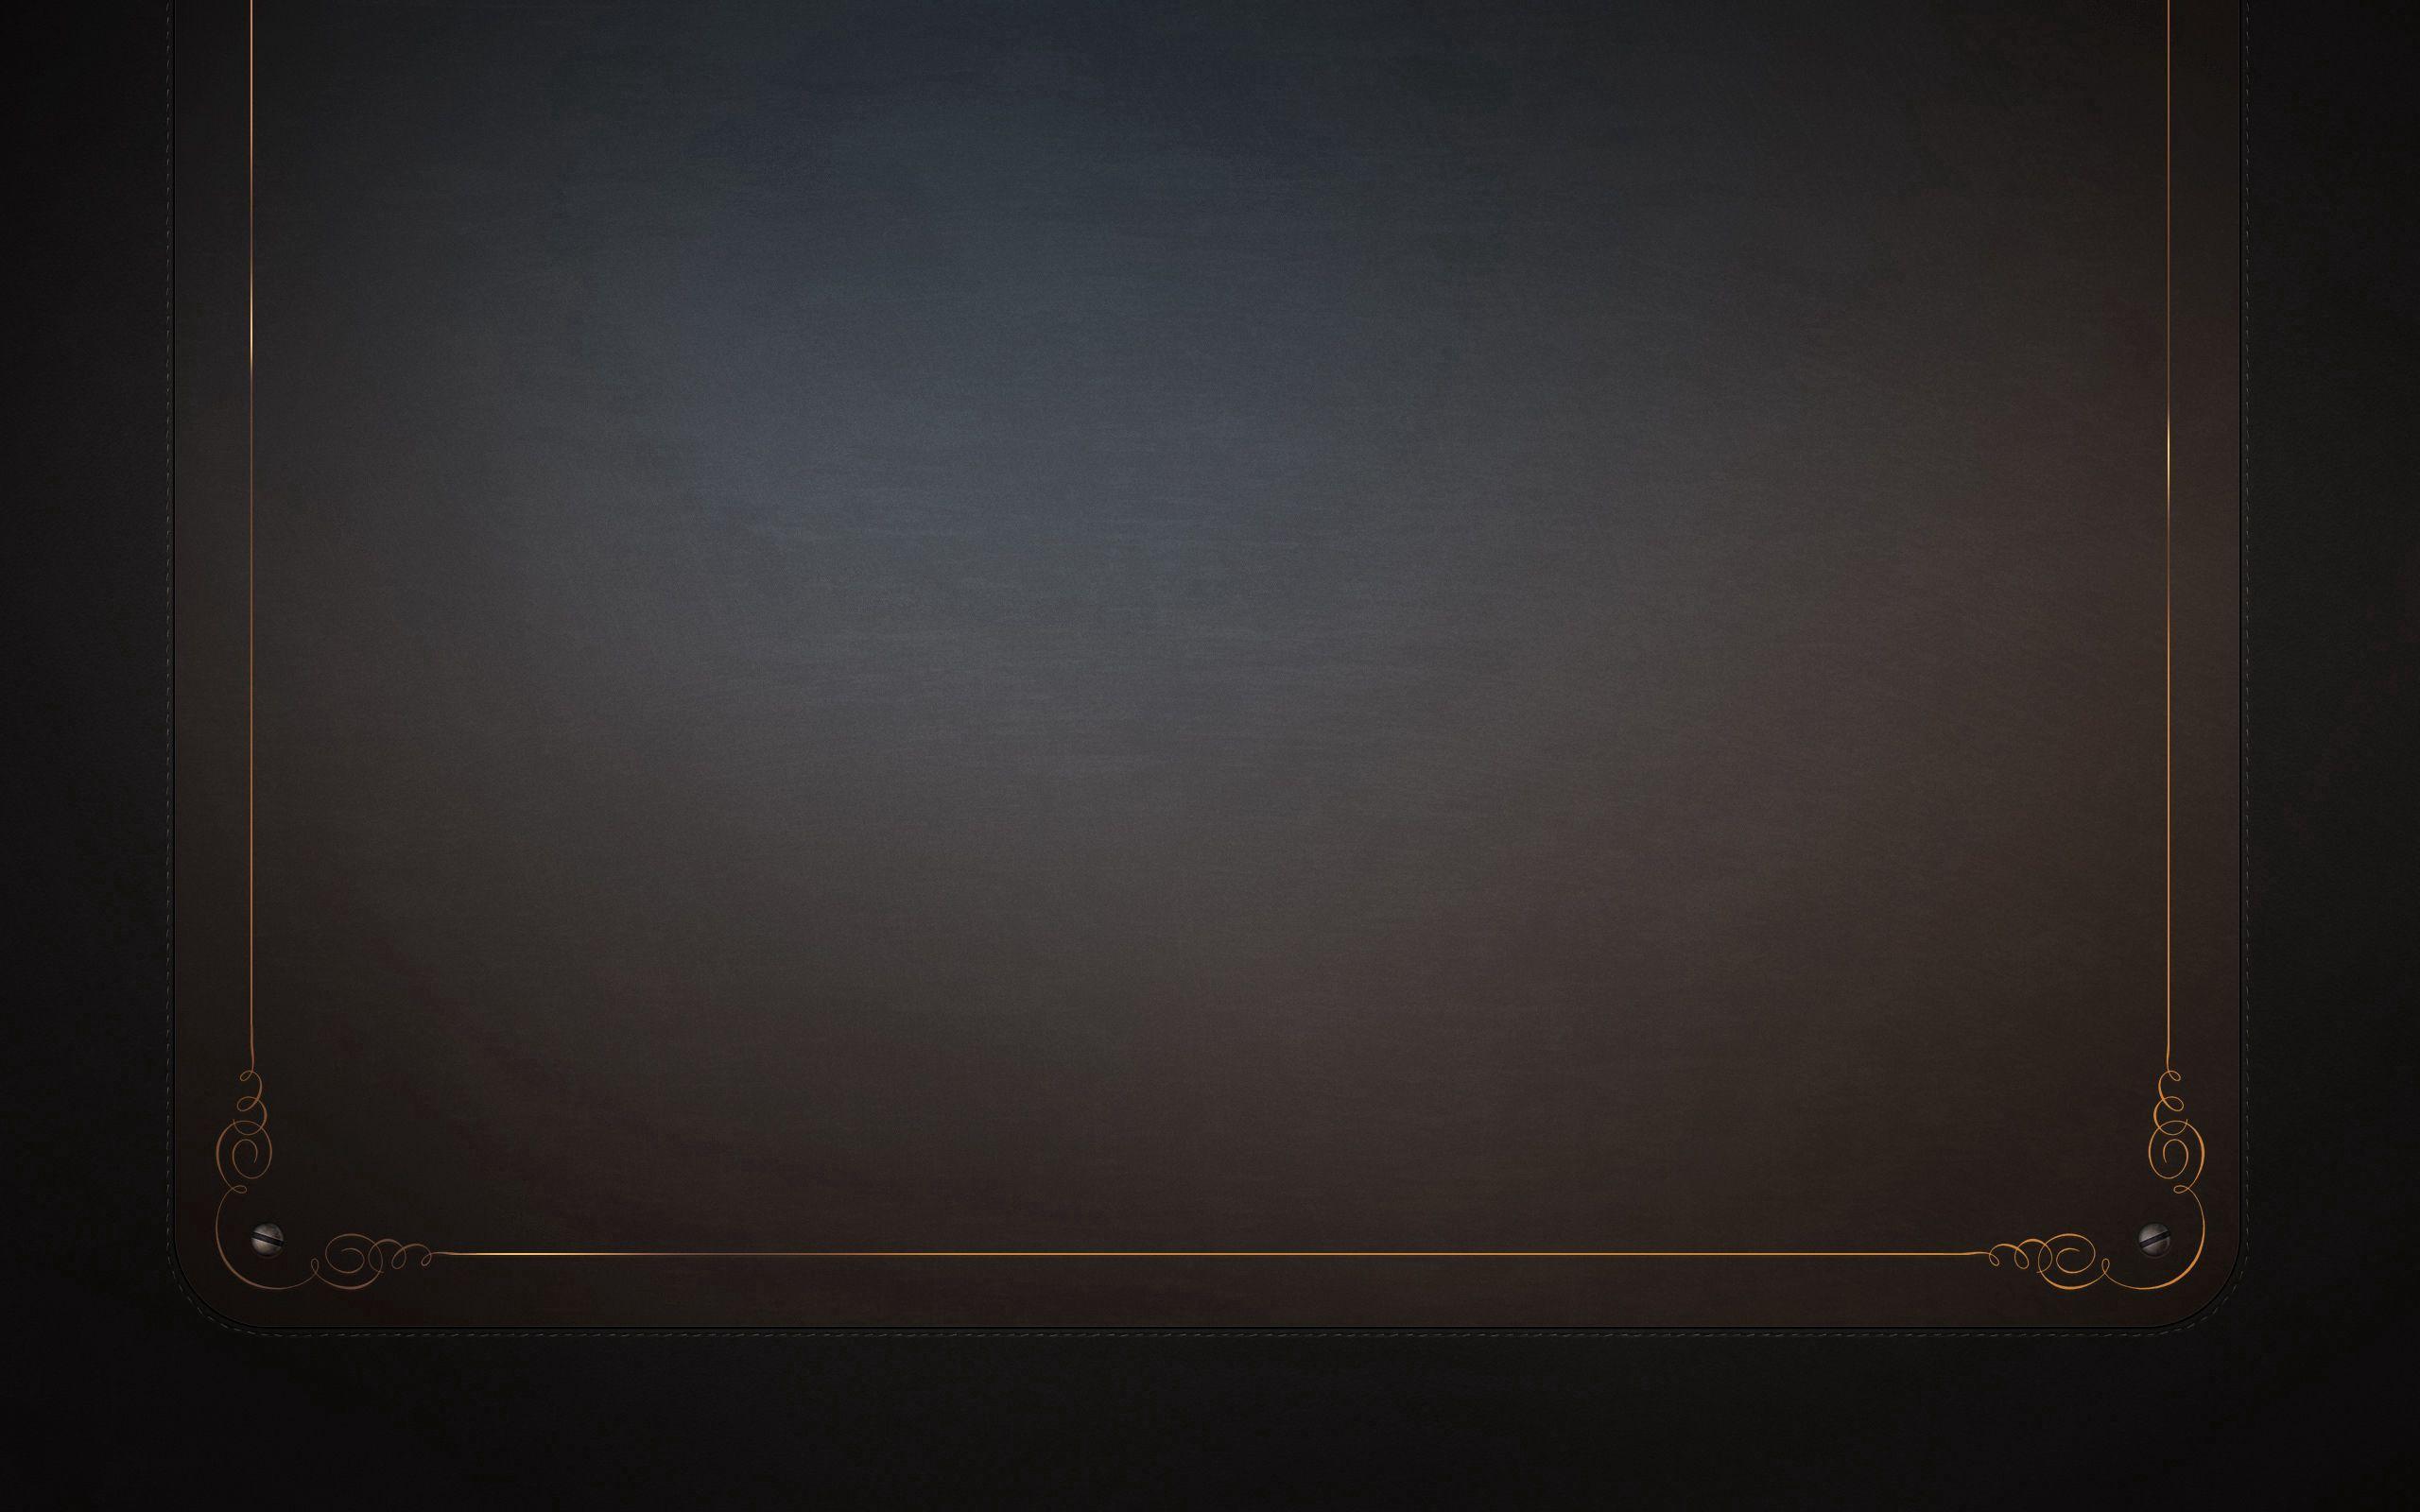 81339 Заставки и Обои Текстуры на телефон. Скачать Текстуры, Узоры, Черный, Поверхность, Желтый картинки бесплатно